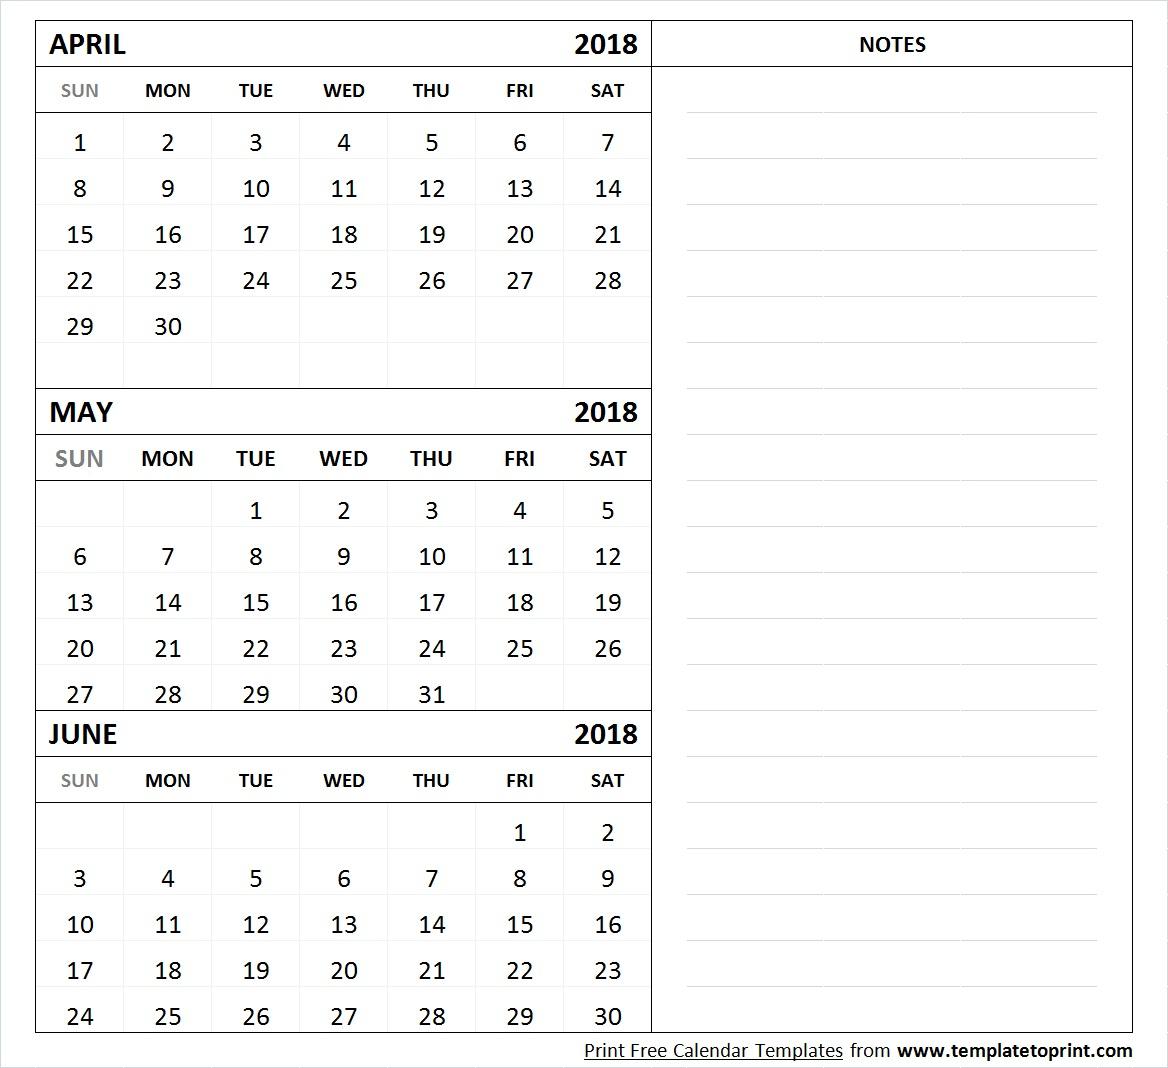 April May June 2018 Calendar Template Printable | 3 Month Calendar pertaining to Printable 3 Month April May June Calendar Template